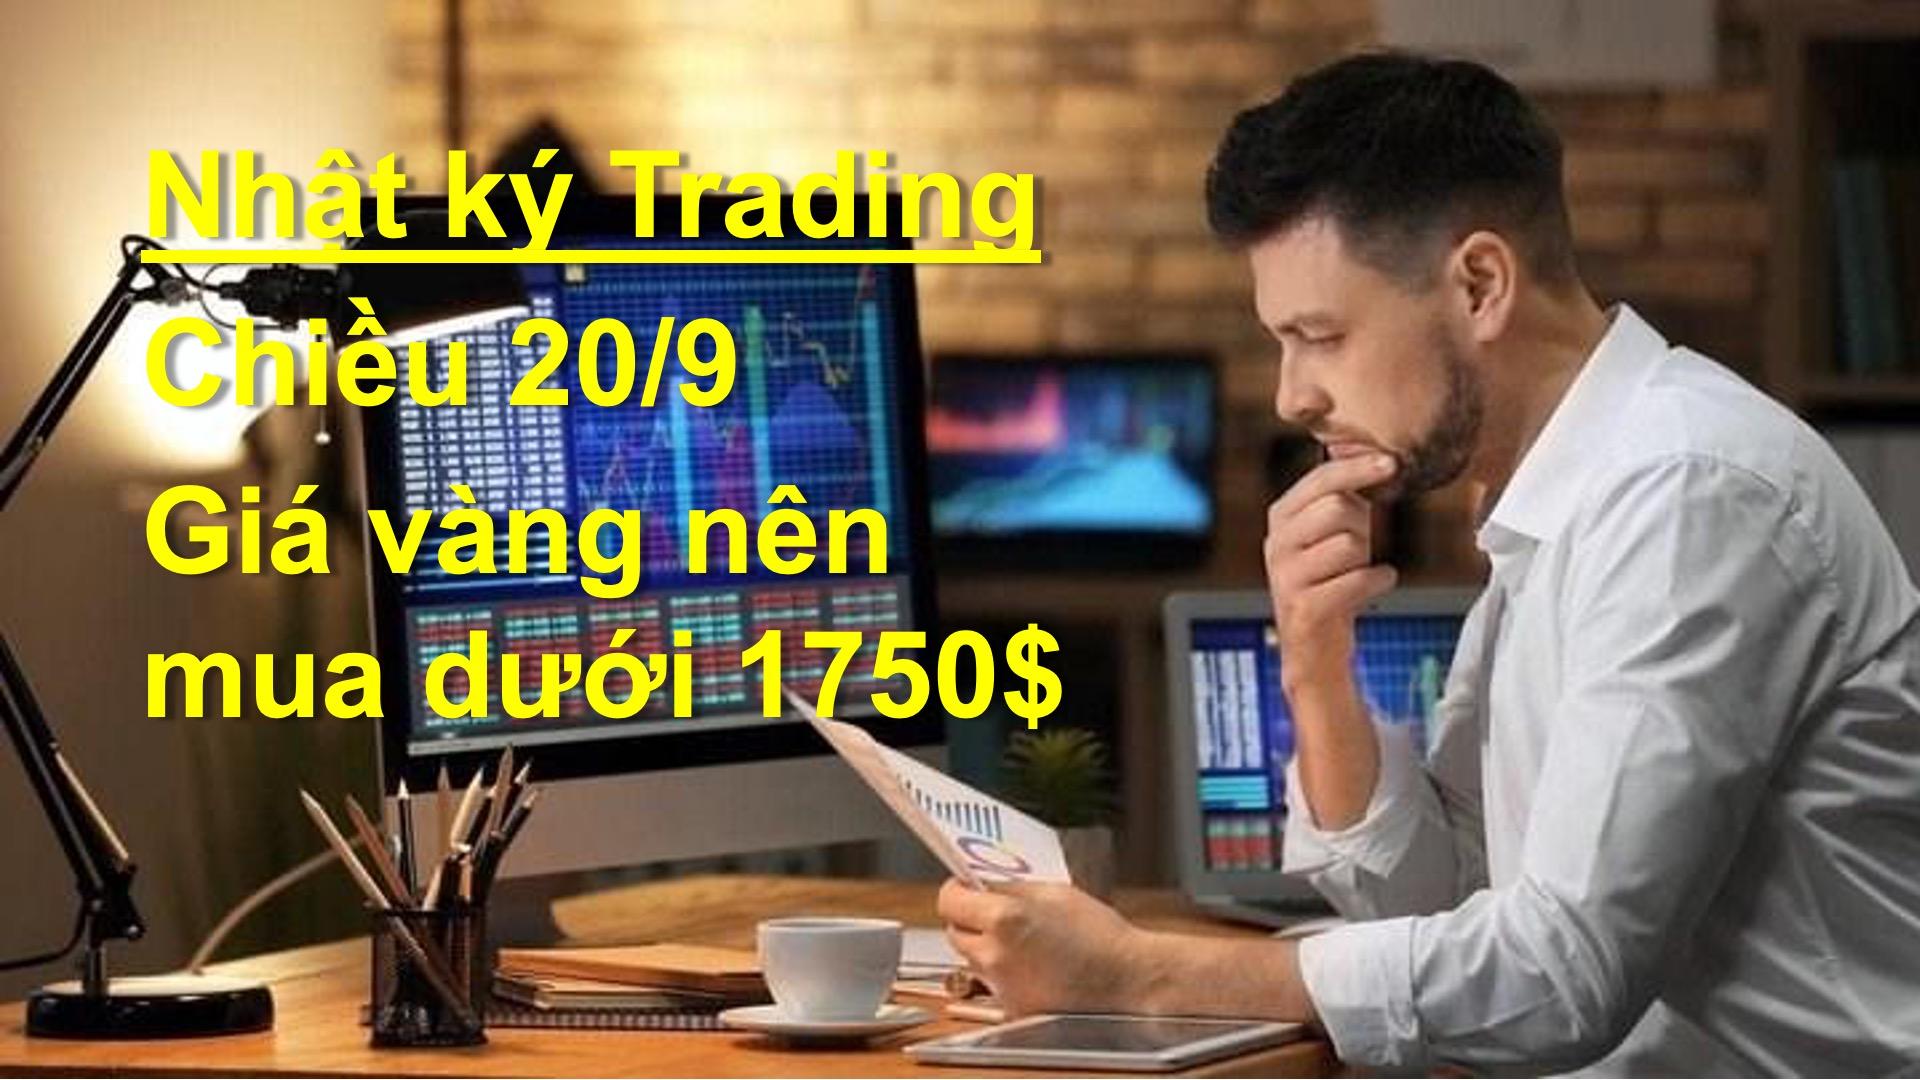 NHẬT KÝ TRADING CHIỀU 20/9: Vàng nên chờ mua dưới 1750$